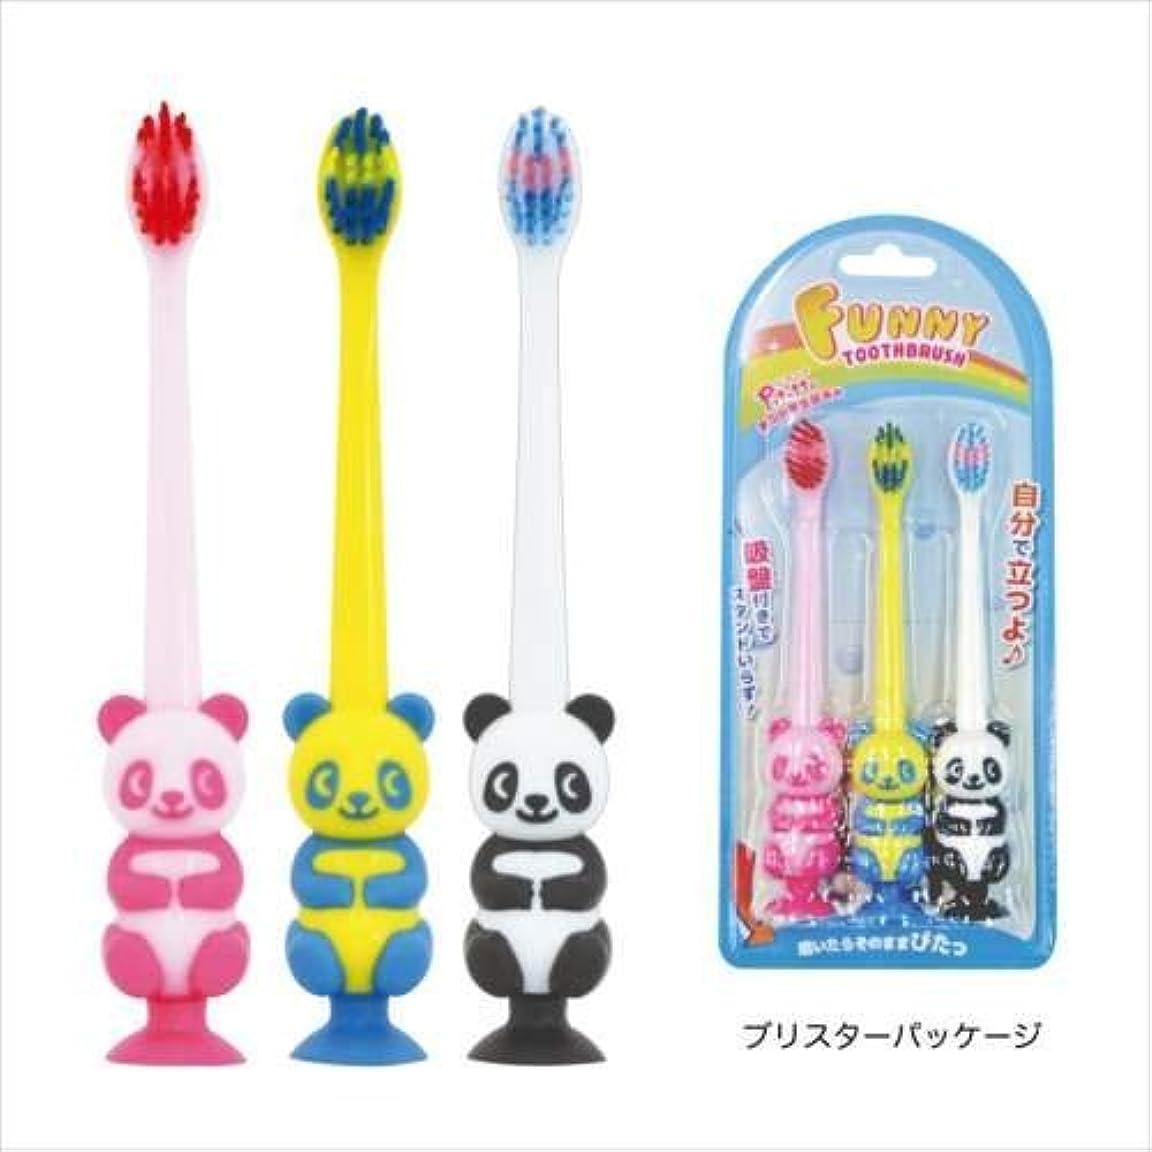 乳シュリンクパズルファニー歯ブラシ パンダ 3本セット